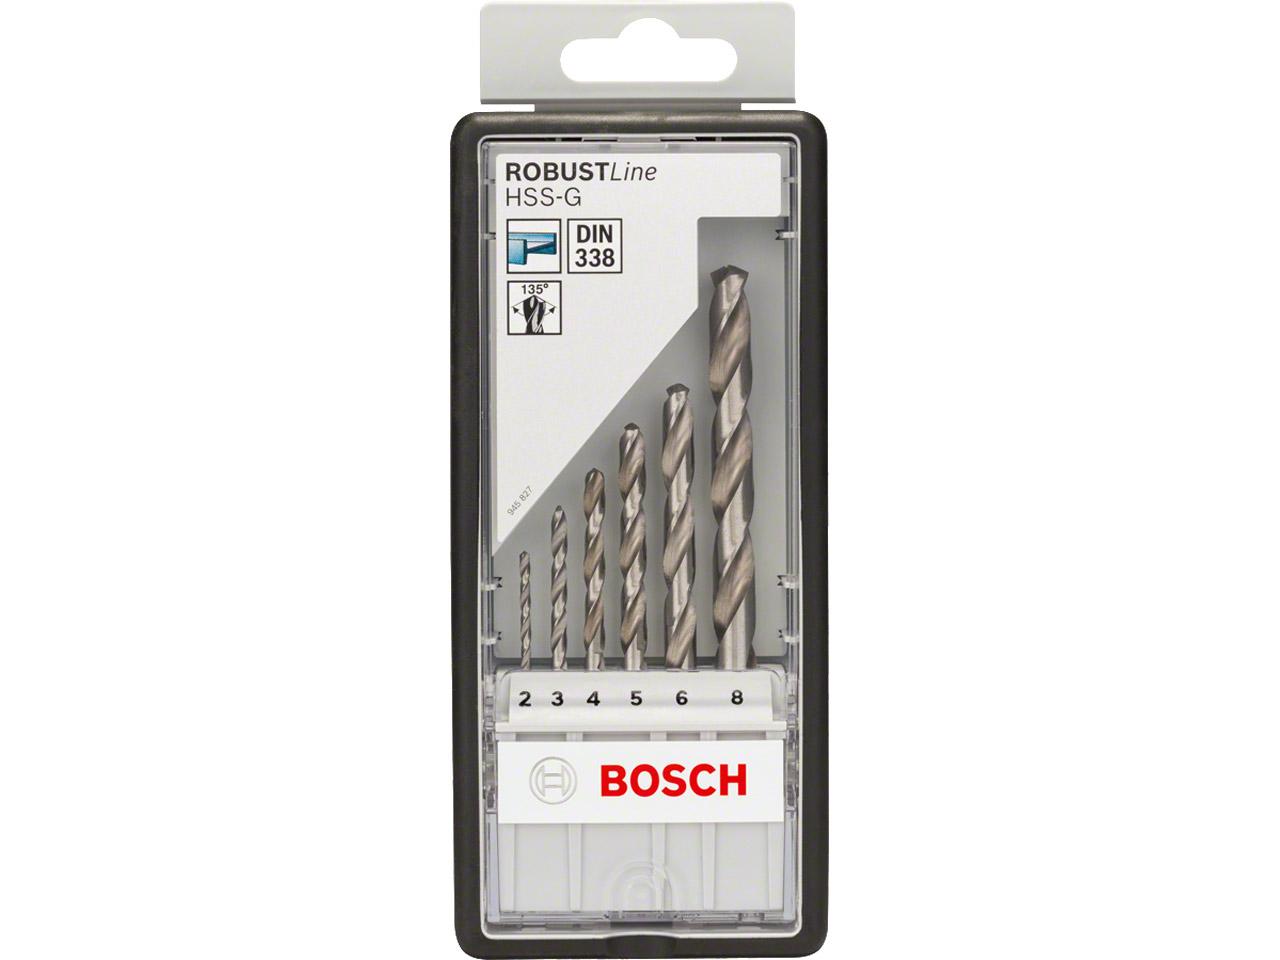 Bosch 2607010529 6pc Hssg Robust Line Metal Drill Bit Set